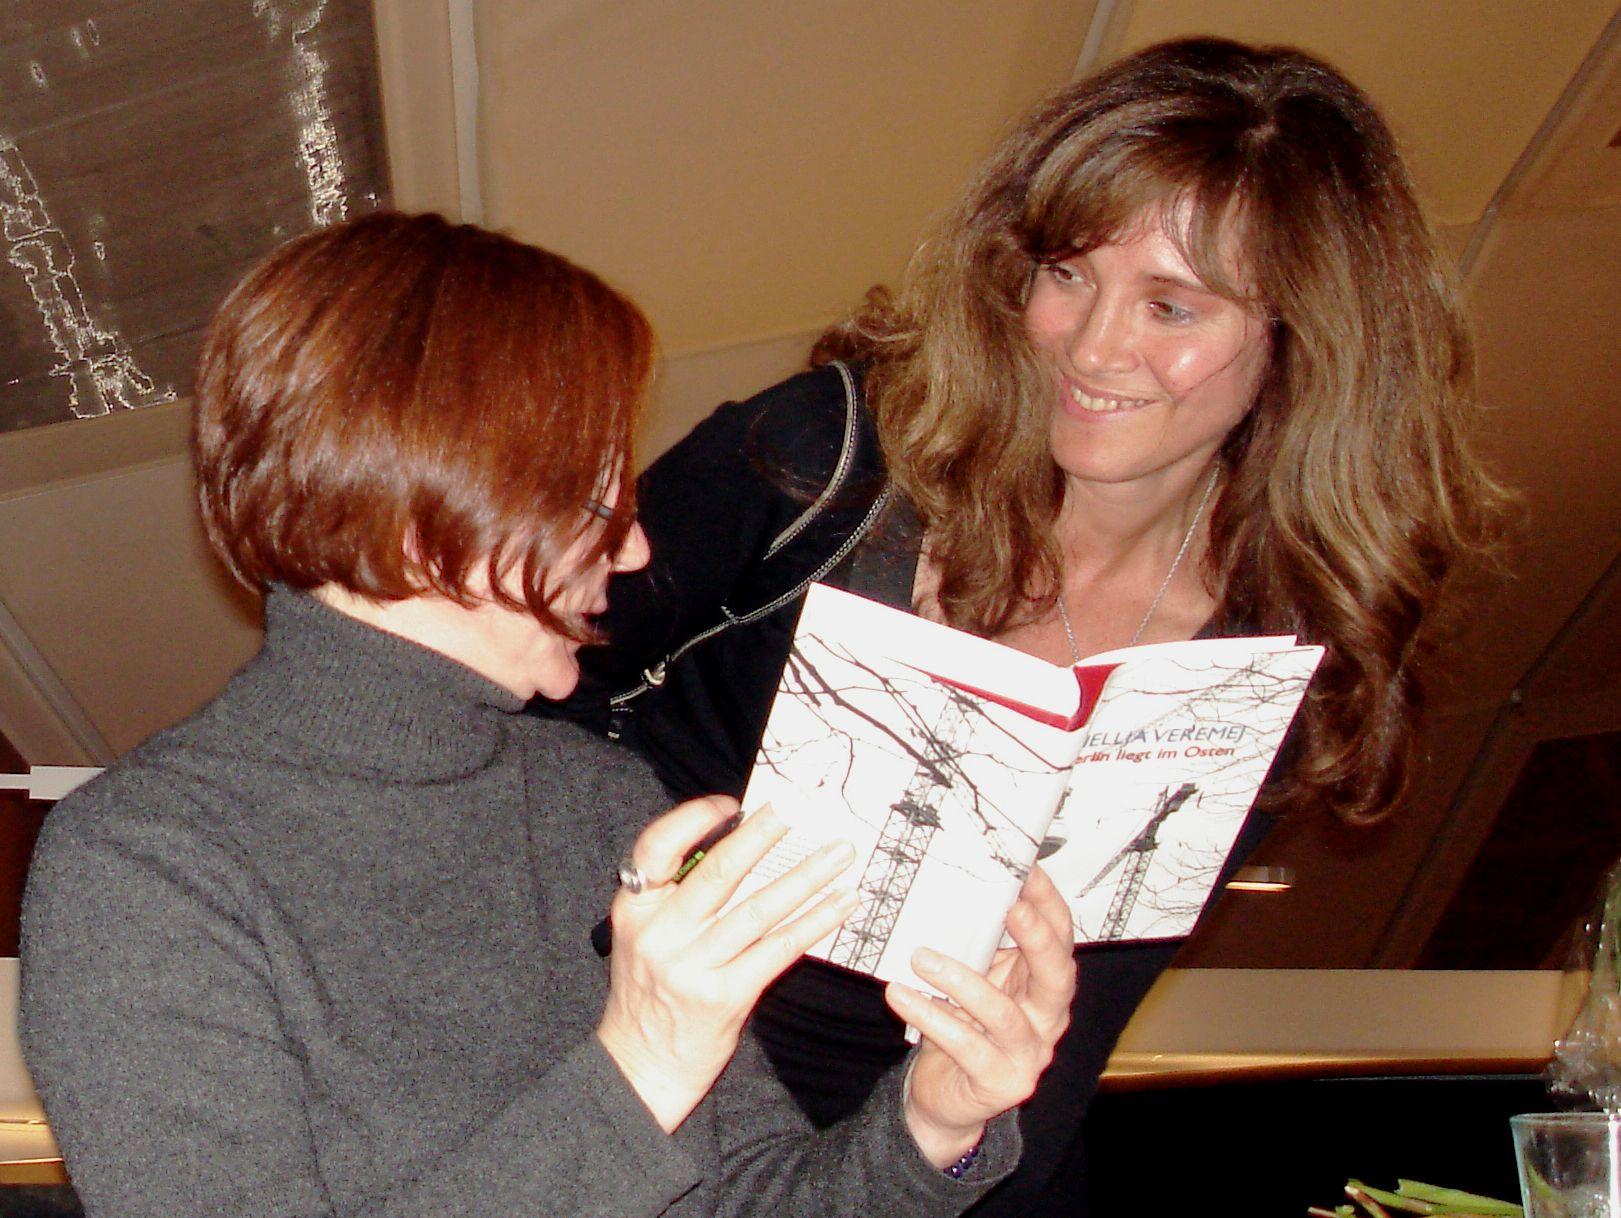 Nellja Veremej signiert ihren Roman